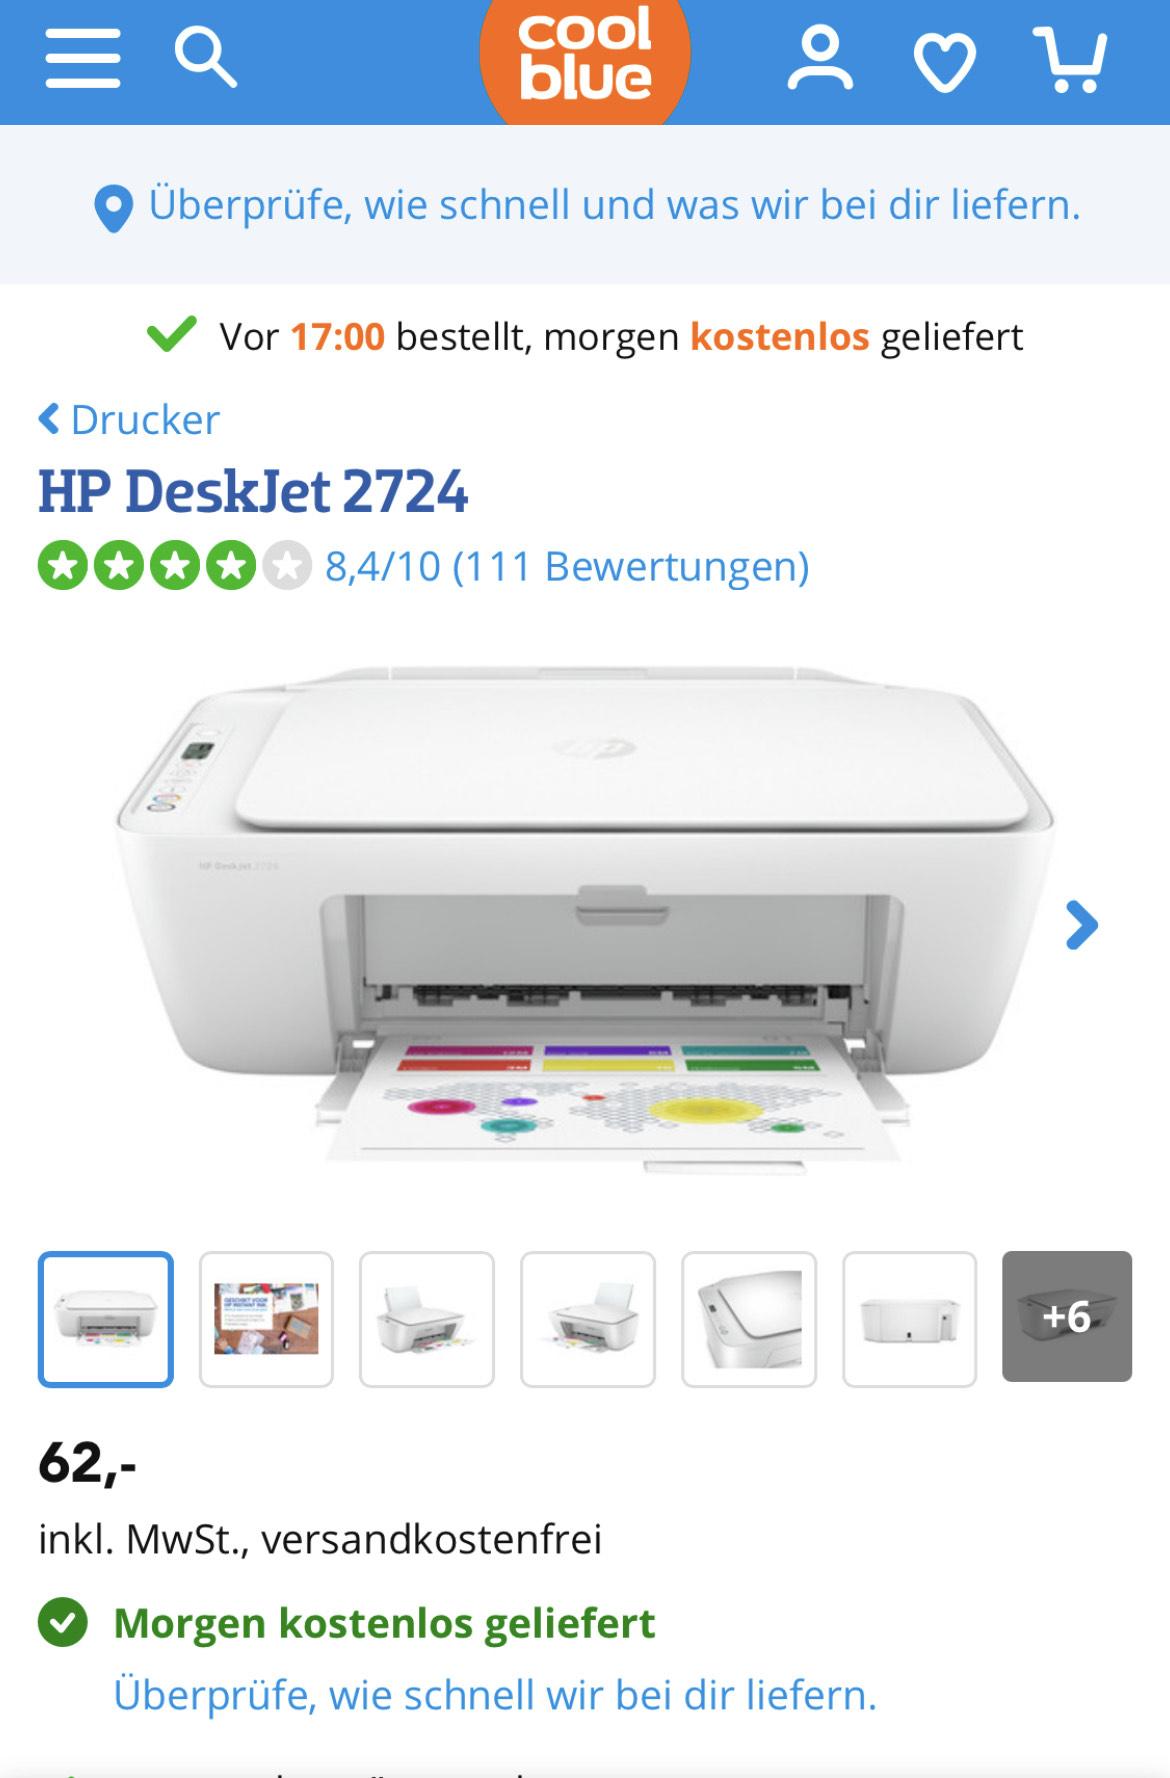 HP DeskJet 2724 bei Coolblue für 62€